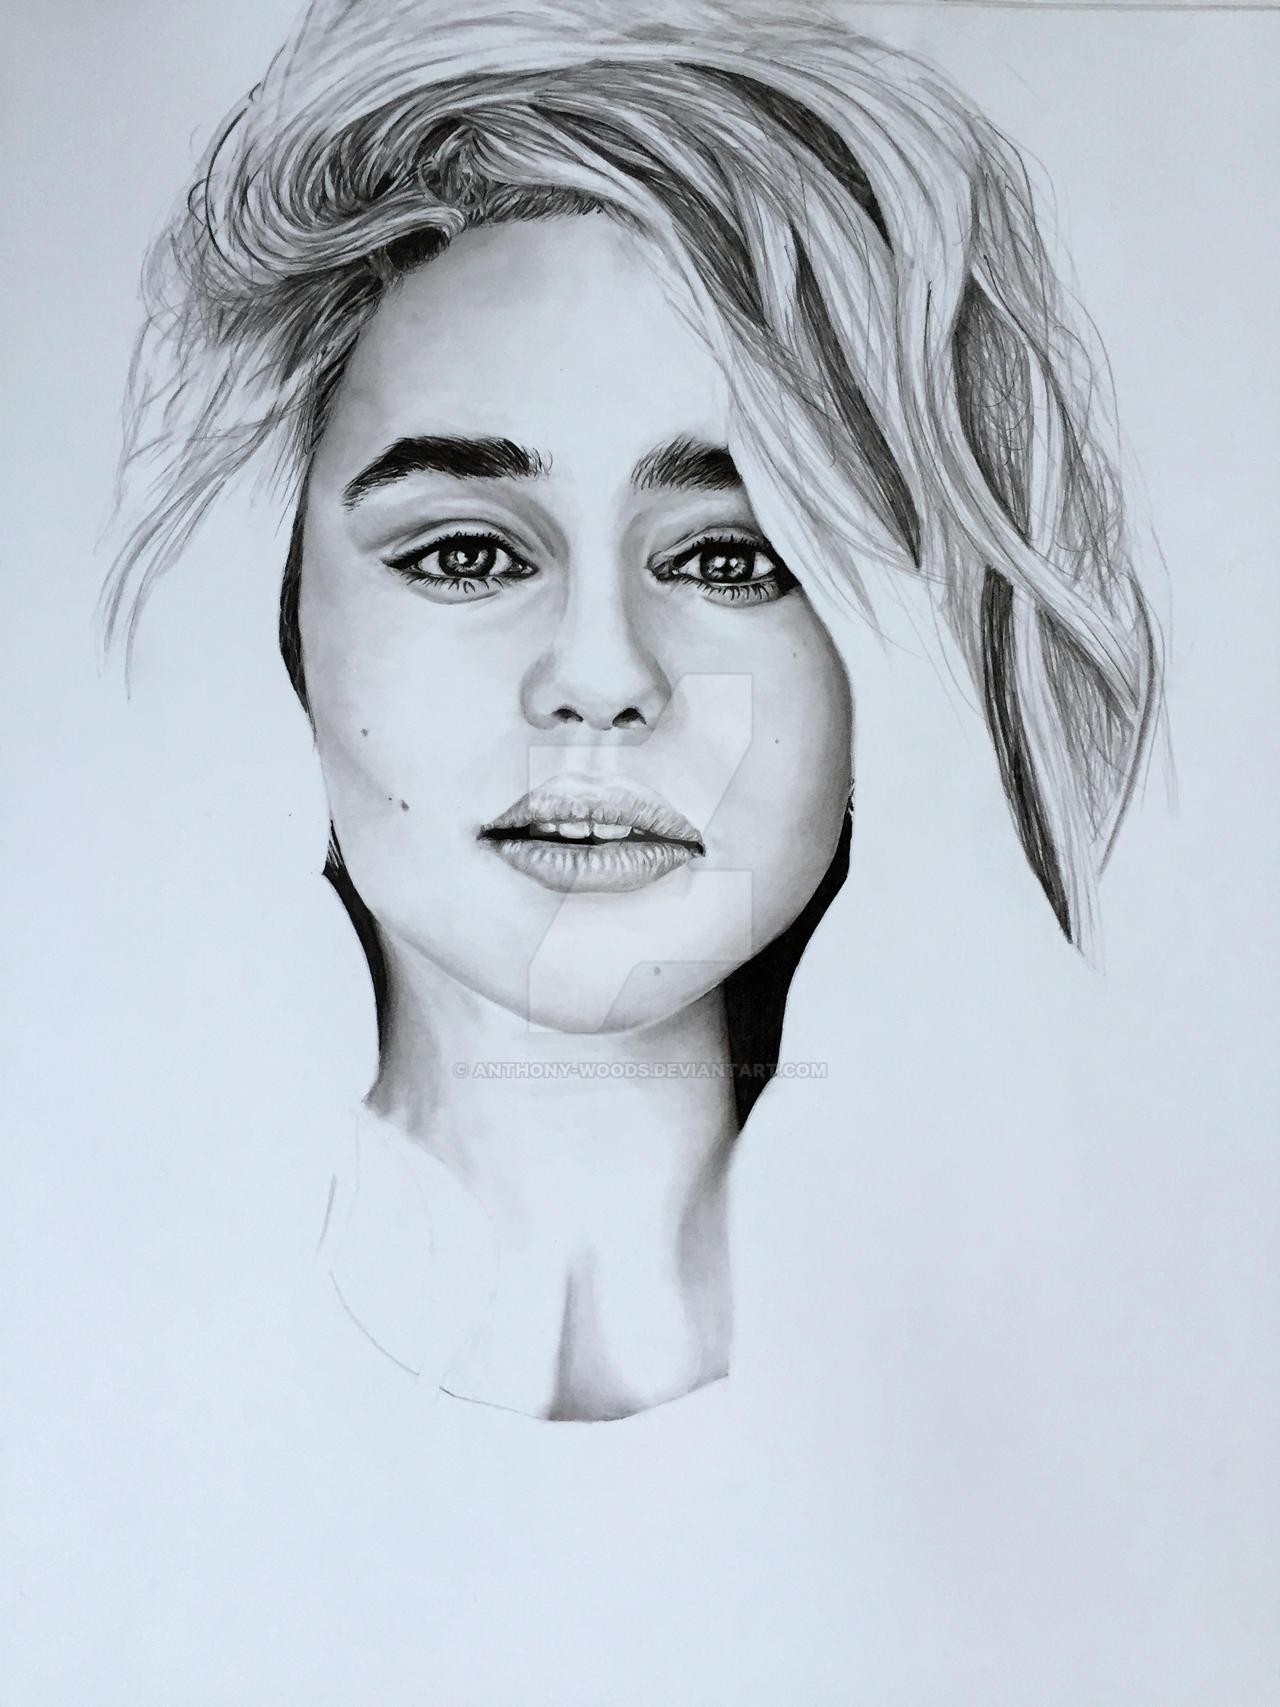 Emilia Clarke WIP 2 by Anthony-Woods